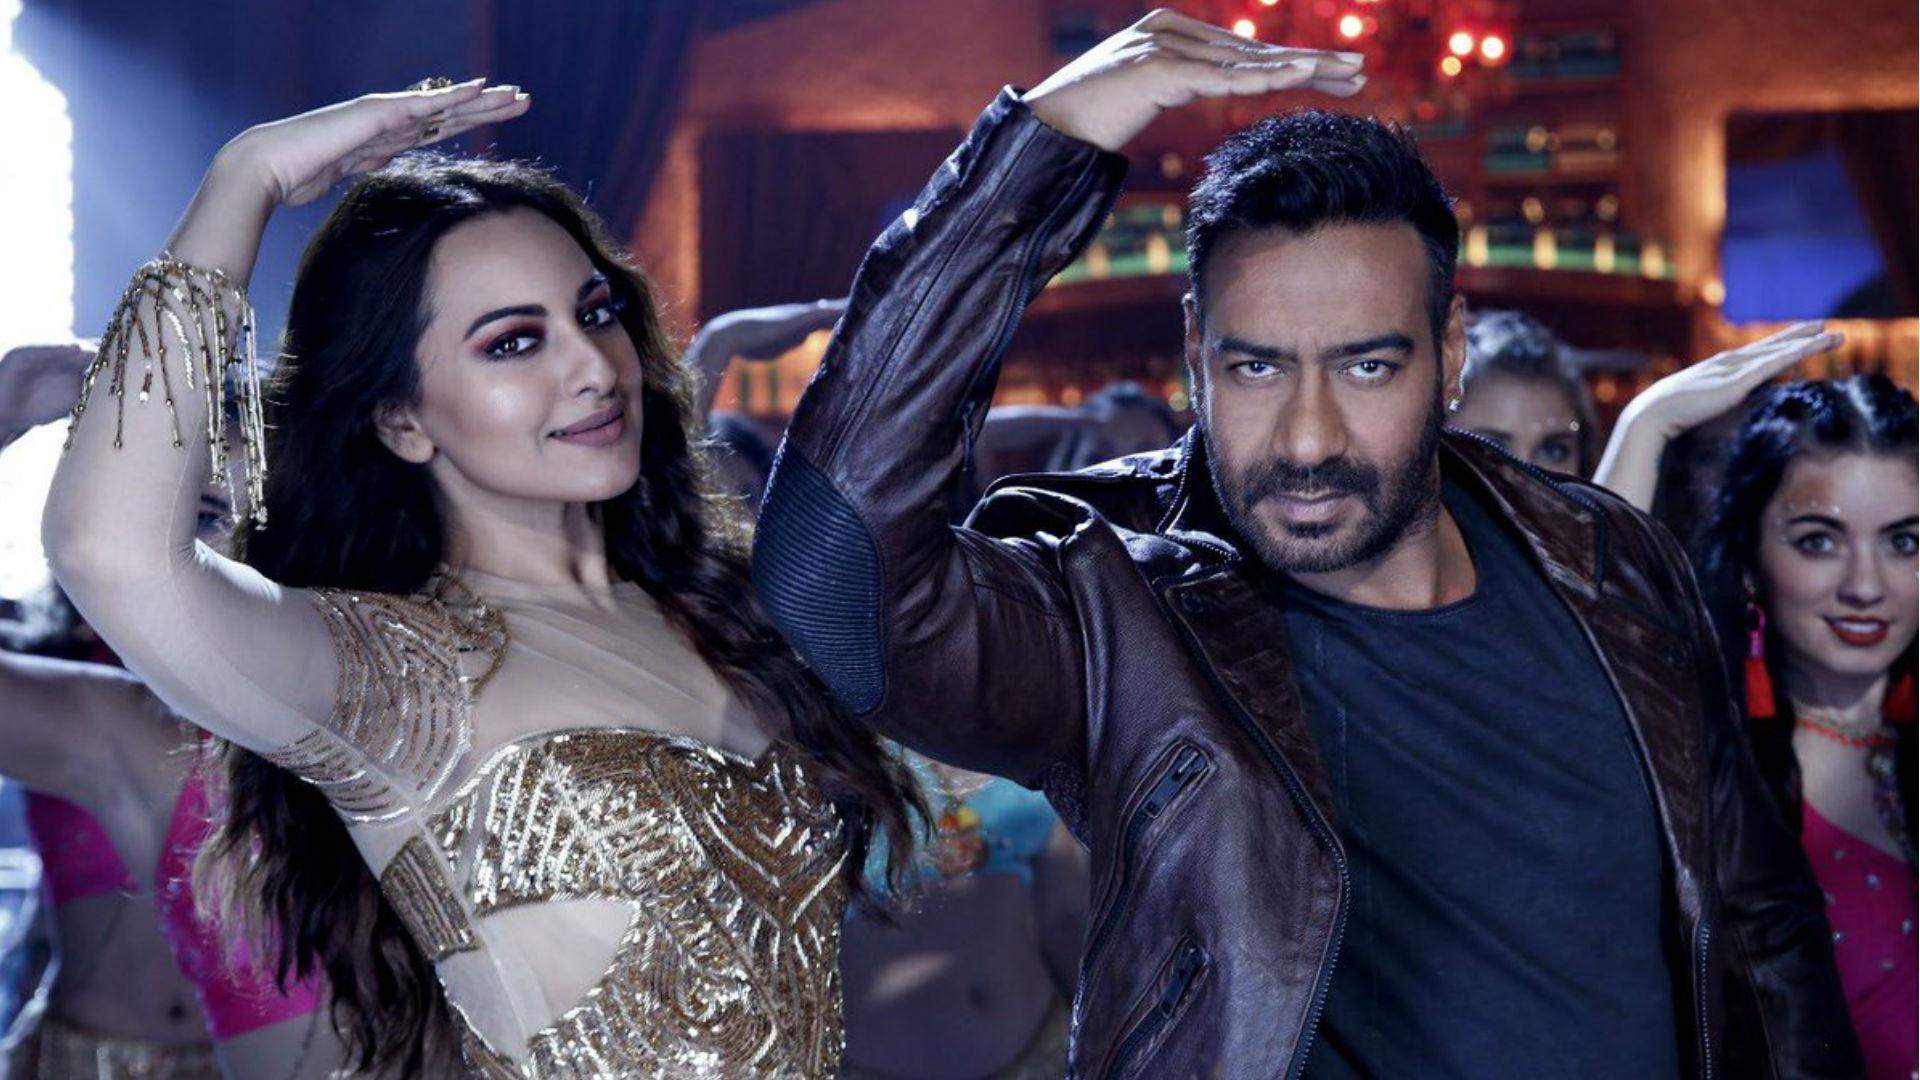 फिल्म टोटल धमाल के गाने 'मुंगड़ा' के कायल हुए अक्षय कुमार, गजब दिखी अजय देवगन-सोनाक्षी सिन्हा की केमिस्ट्री